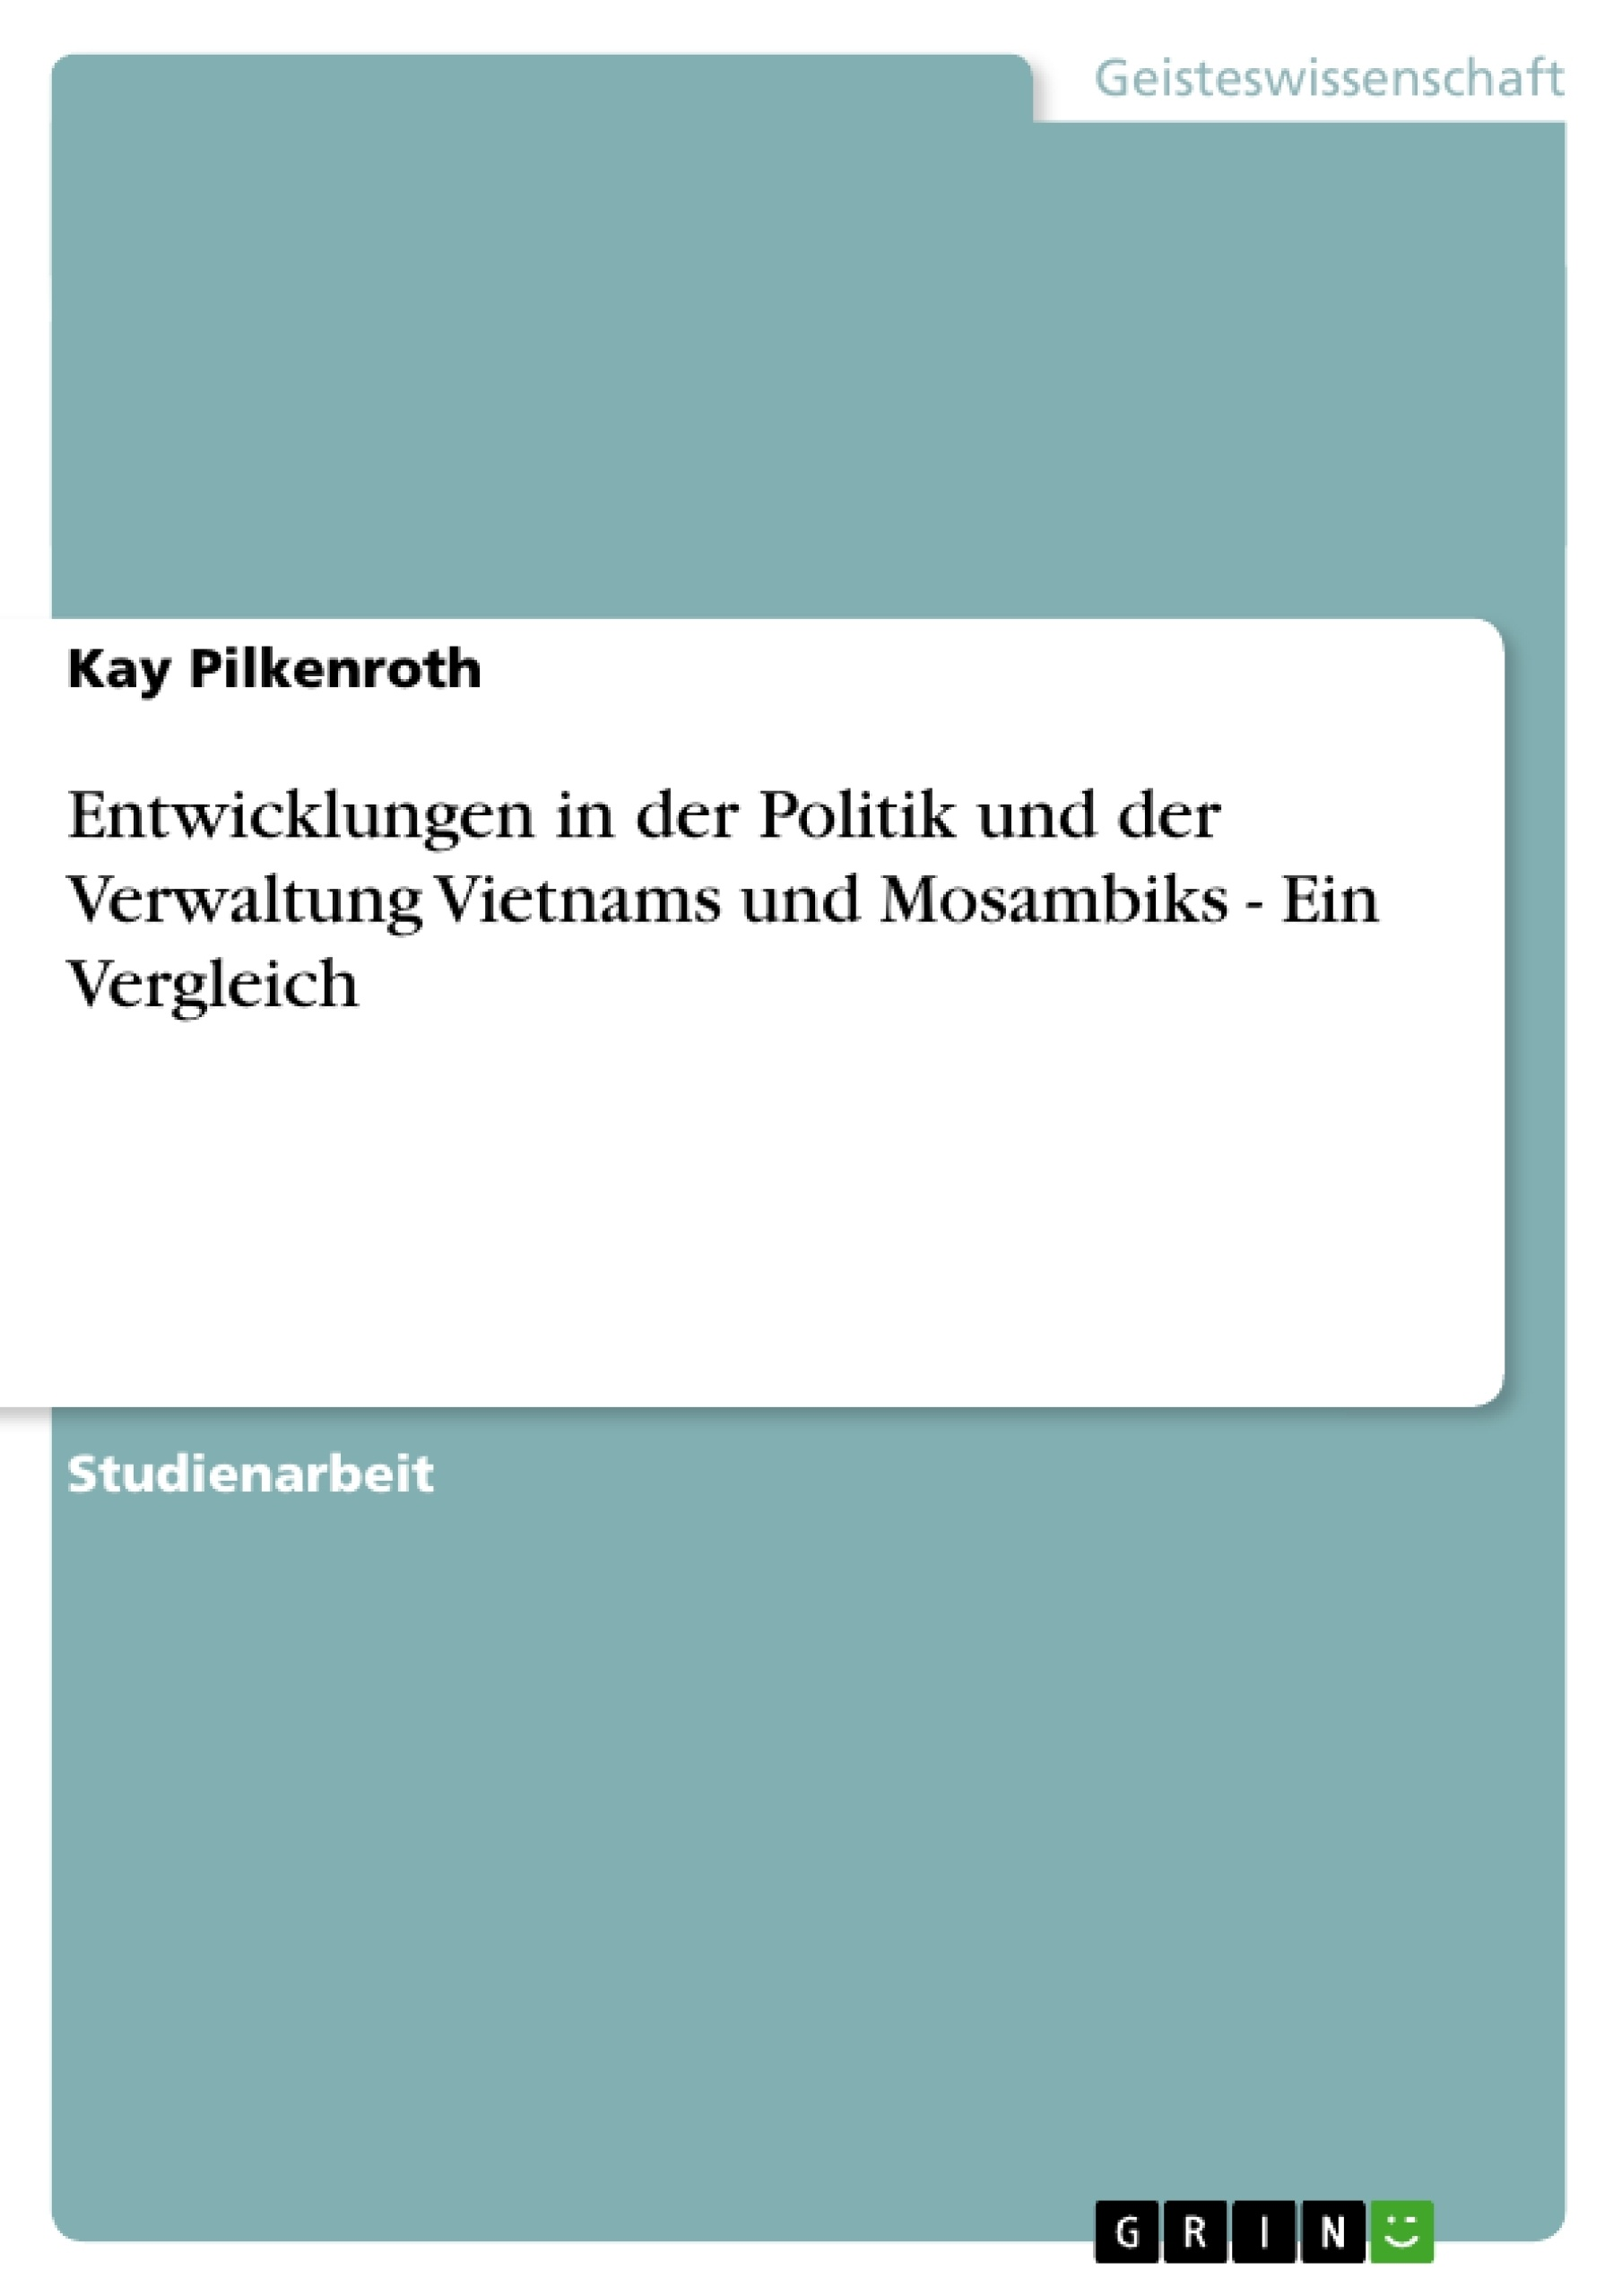 Titel: Entwicklungen in der Politik und der Verwaltung Vietnams und Mosambiks - Ein Vergleich